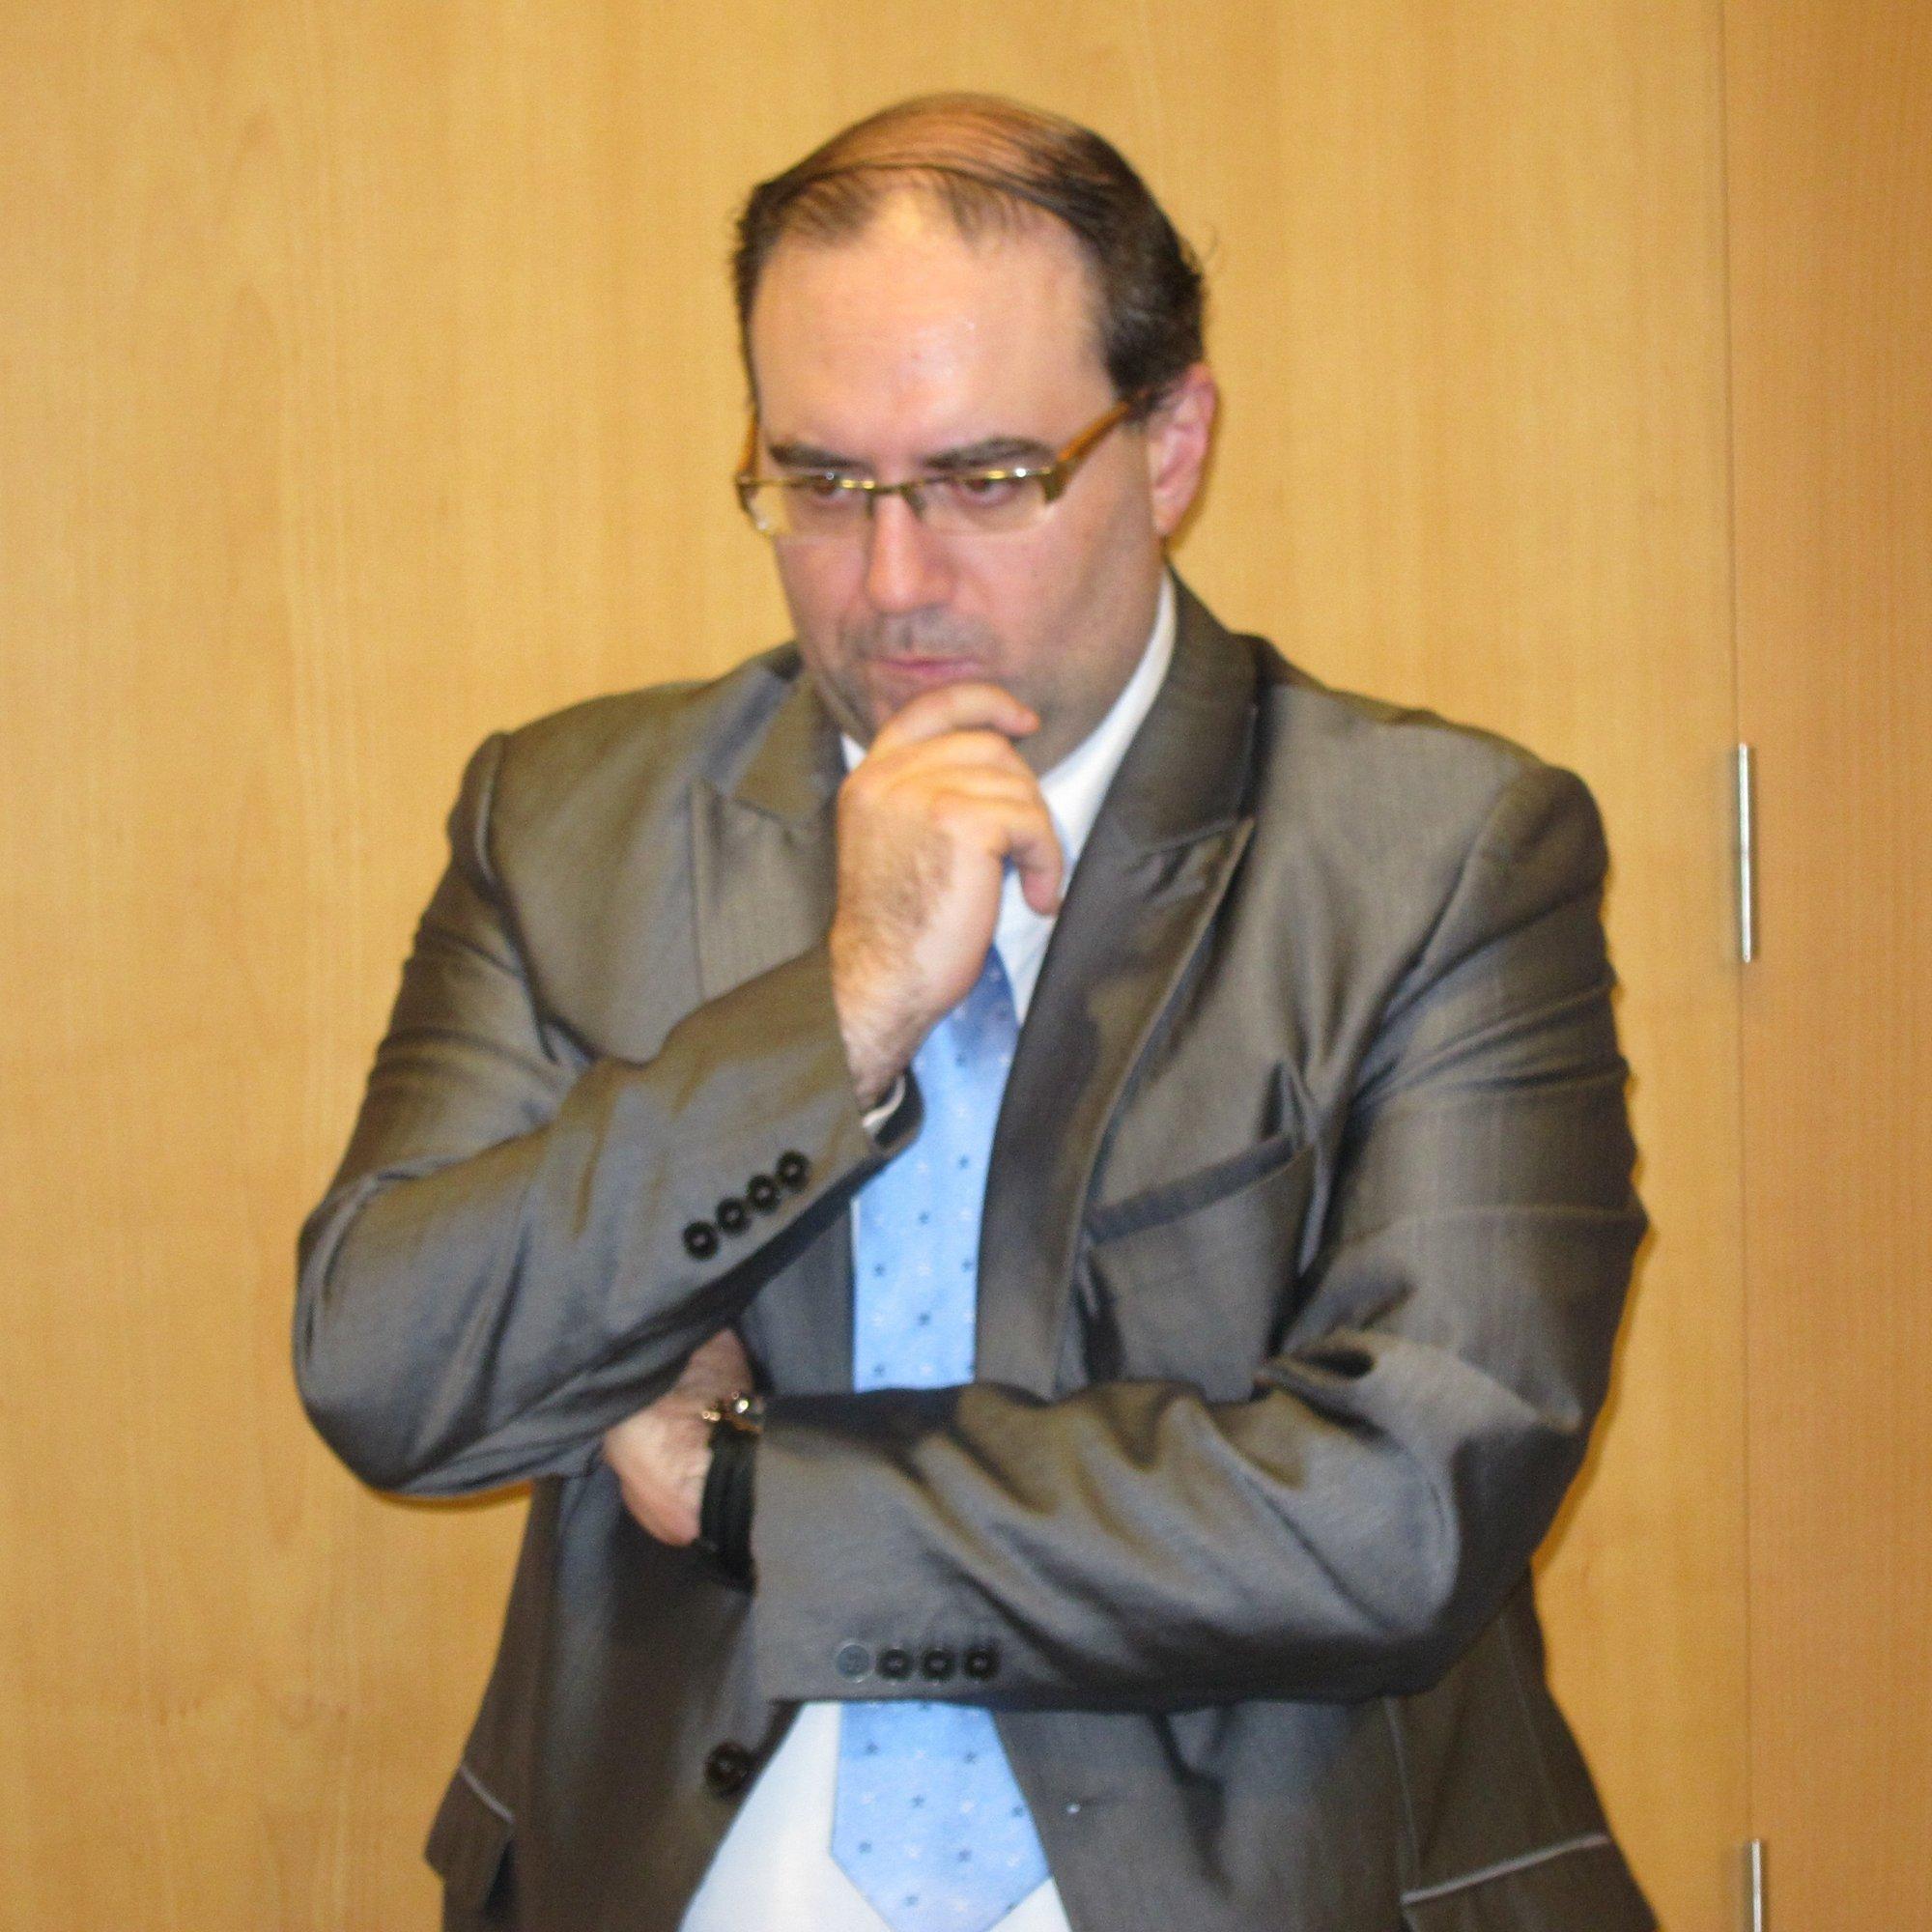 La investigación halla saliva del acusado cerca del vehículo del taxista asesinado en Arriondas (Asturias) en 2010